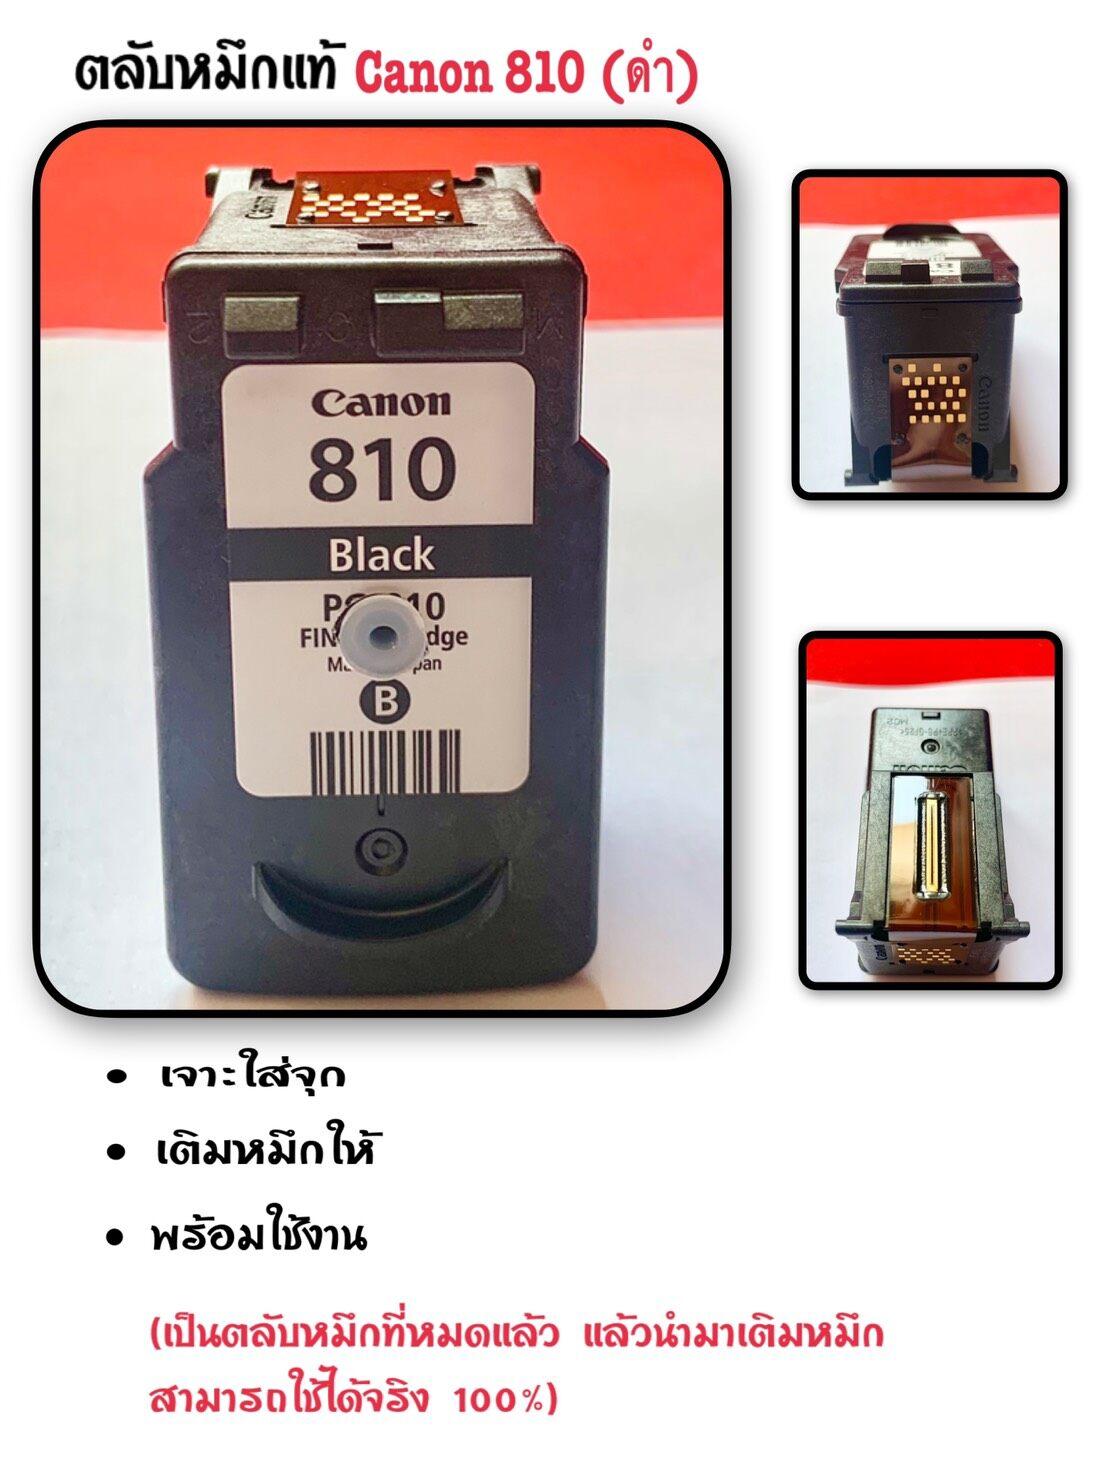 ตลับหมึกแท้ Canon 810 ดำ (ตลับหมึกเปล่าที่นำมาเติมหมึก-แบบเจาะใส่จุกพร้อมใช้งาน ).